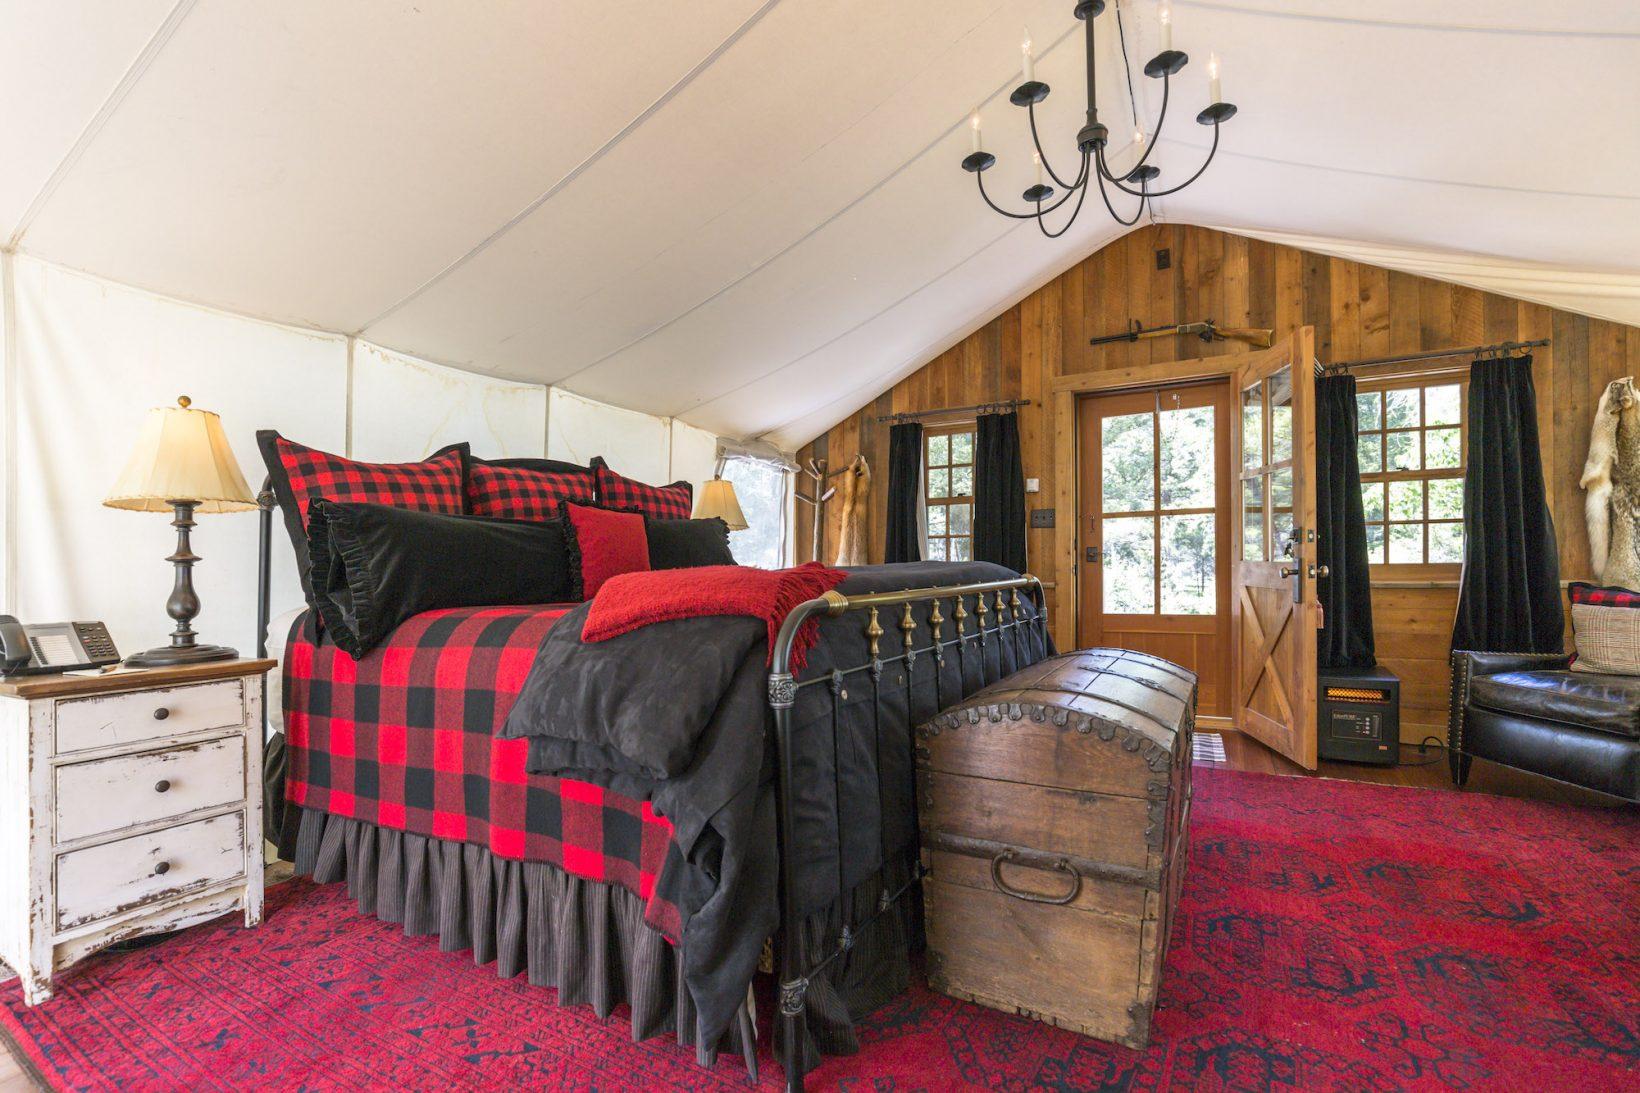 mike-chilcoat-trapper-cabin-interior